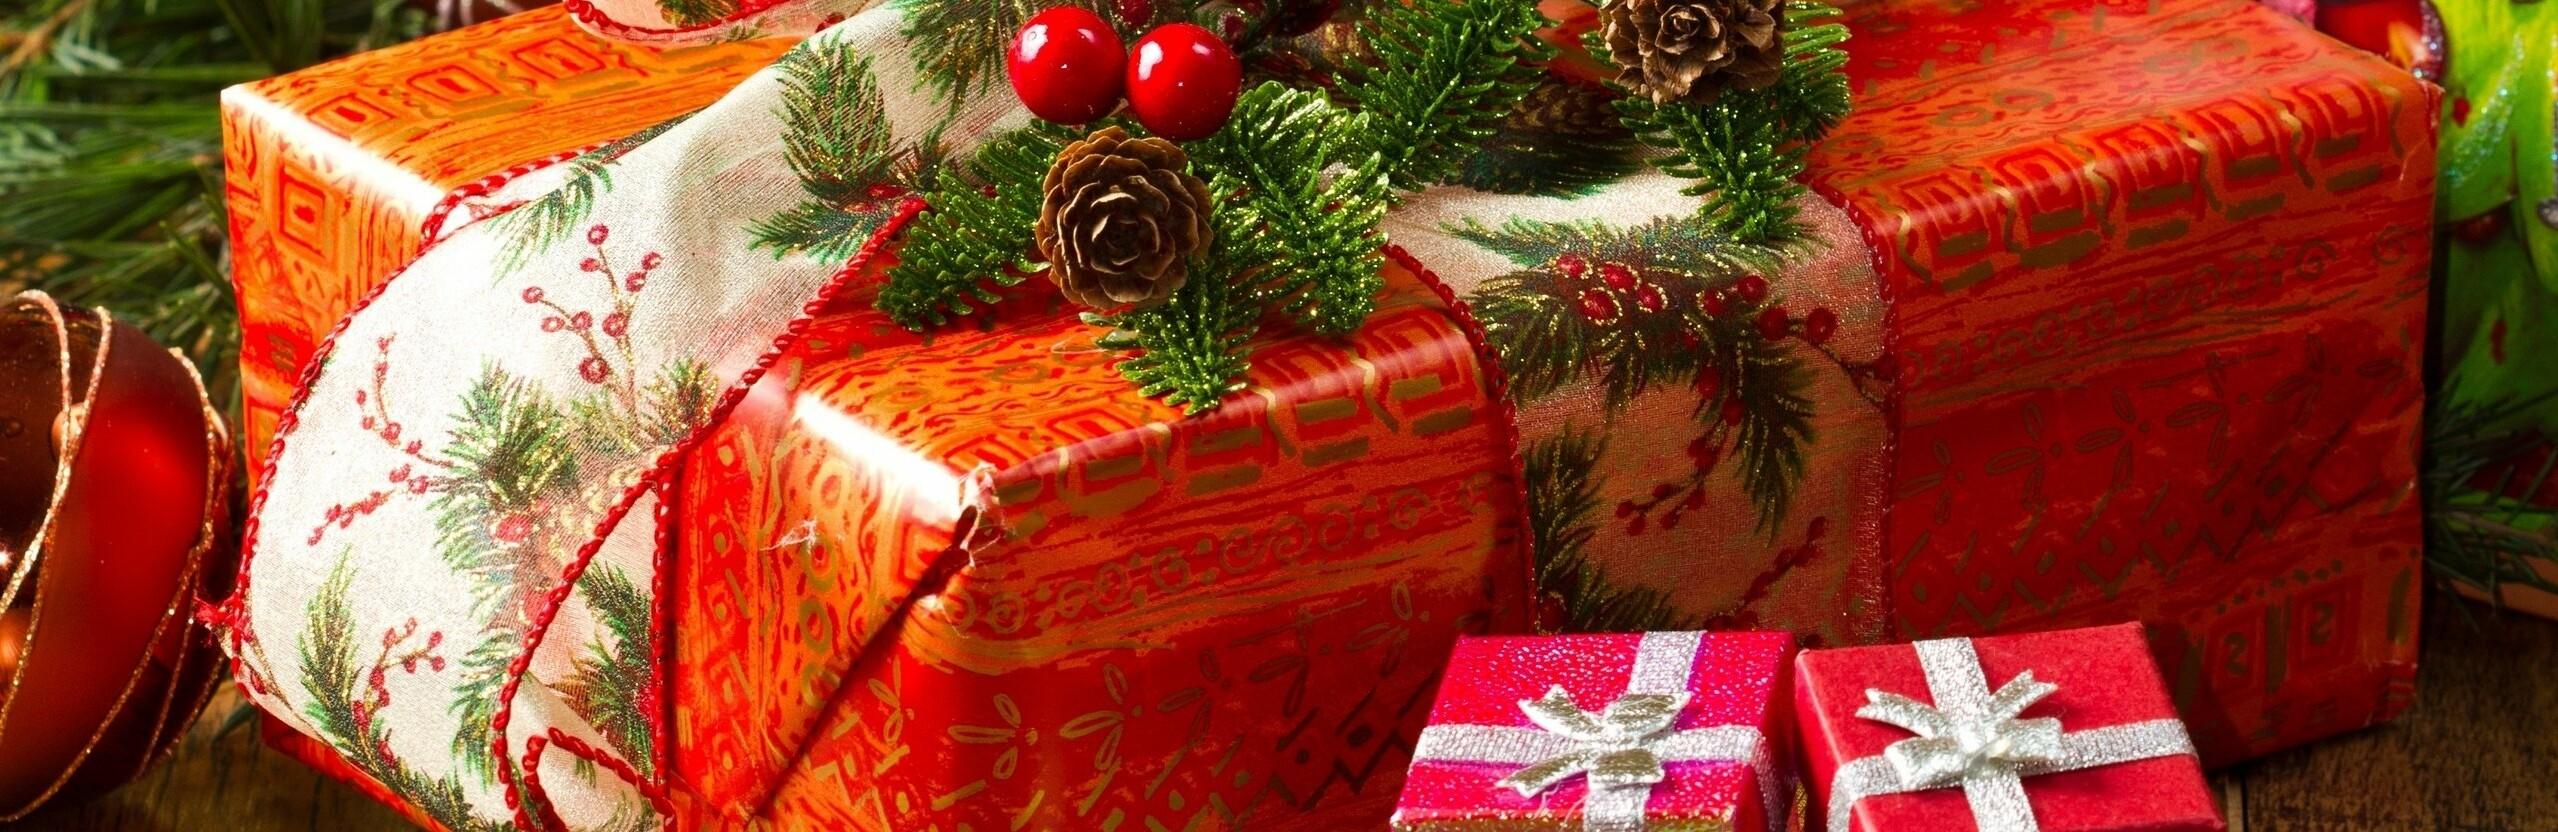 ТОП безпрограшних ідей подарунків на Новий рік 2019 - 032.ua ec568853f06c8